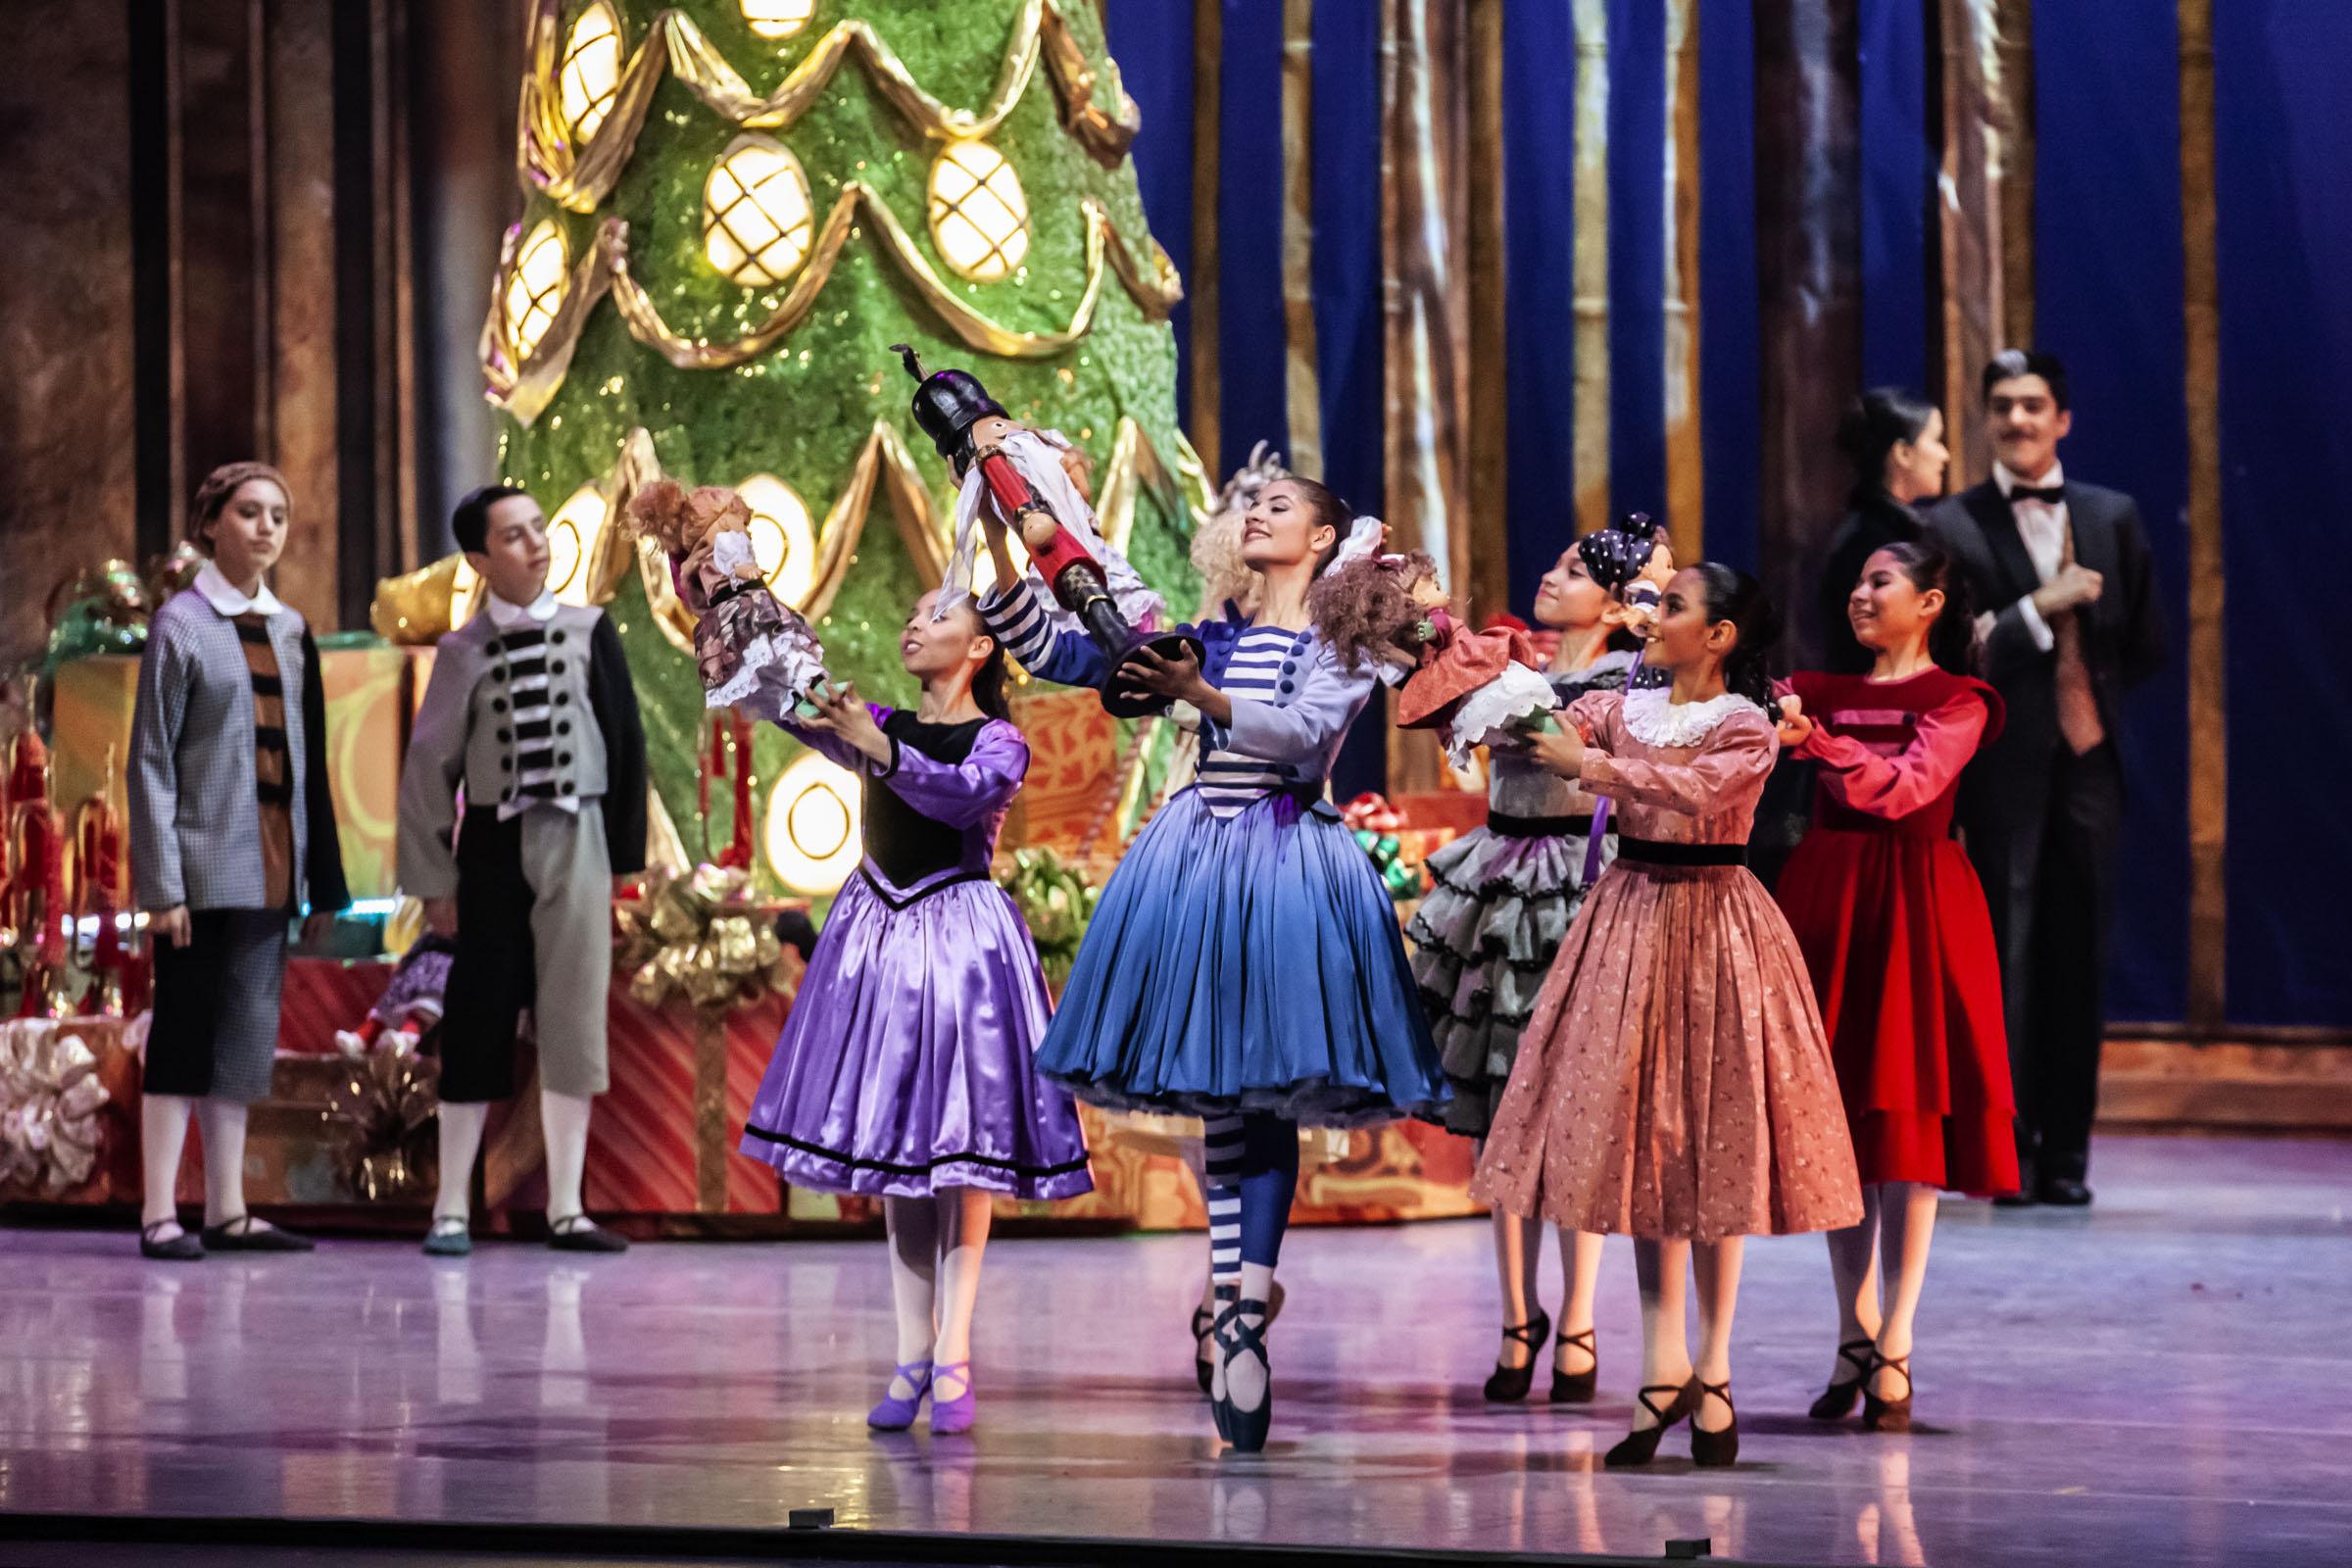 El Cascanueces, Cascanueces, Auditorio Nacional, Ballet, INBAL, Orquesta, Compañía Nacional de Danza,